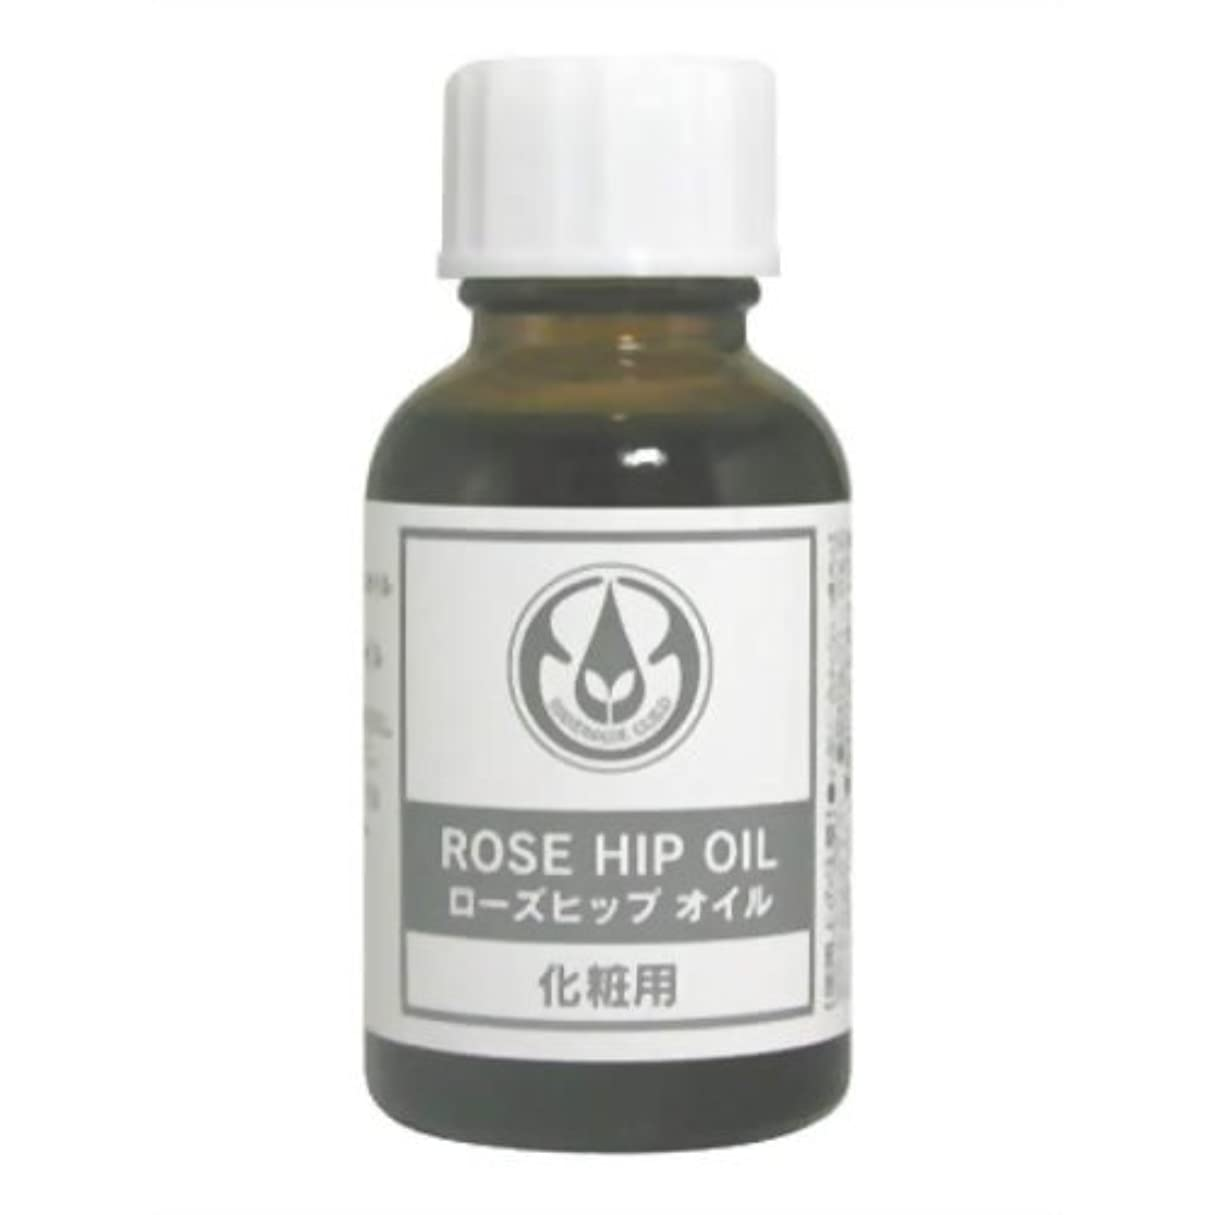 任意そのような版生活の木 ローズヒップオイル(ナチュラル) 25ml